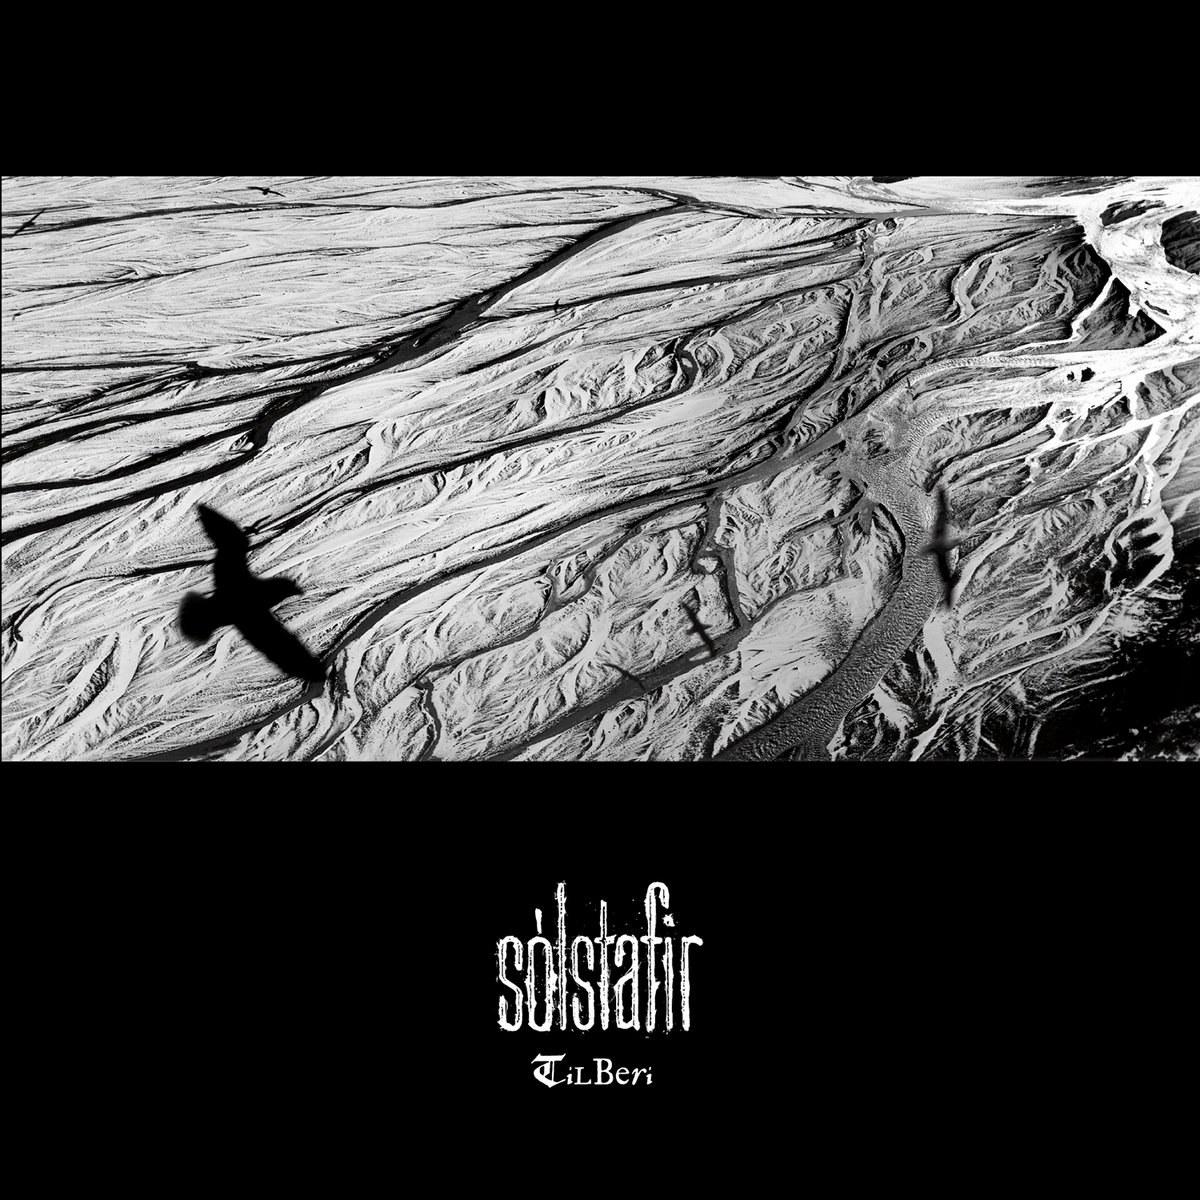 Review for Sólstafir - Tilberi